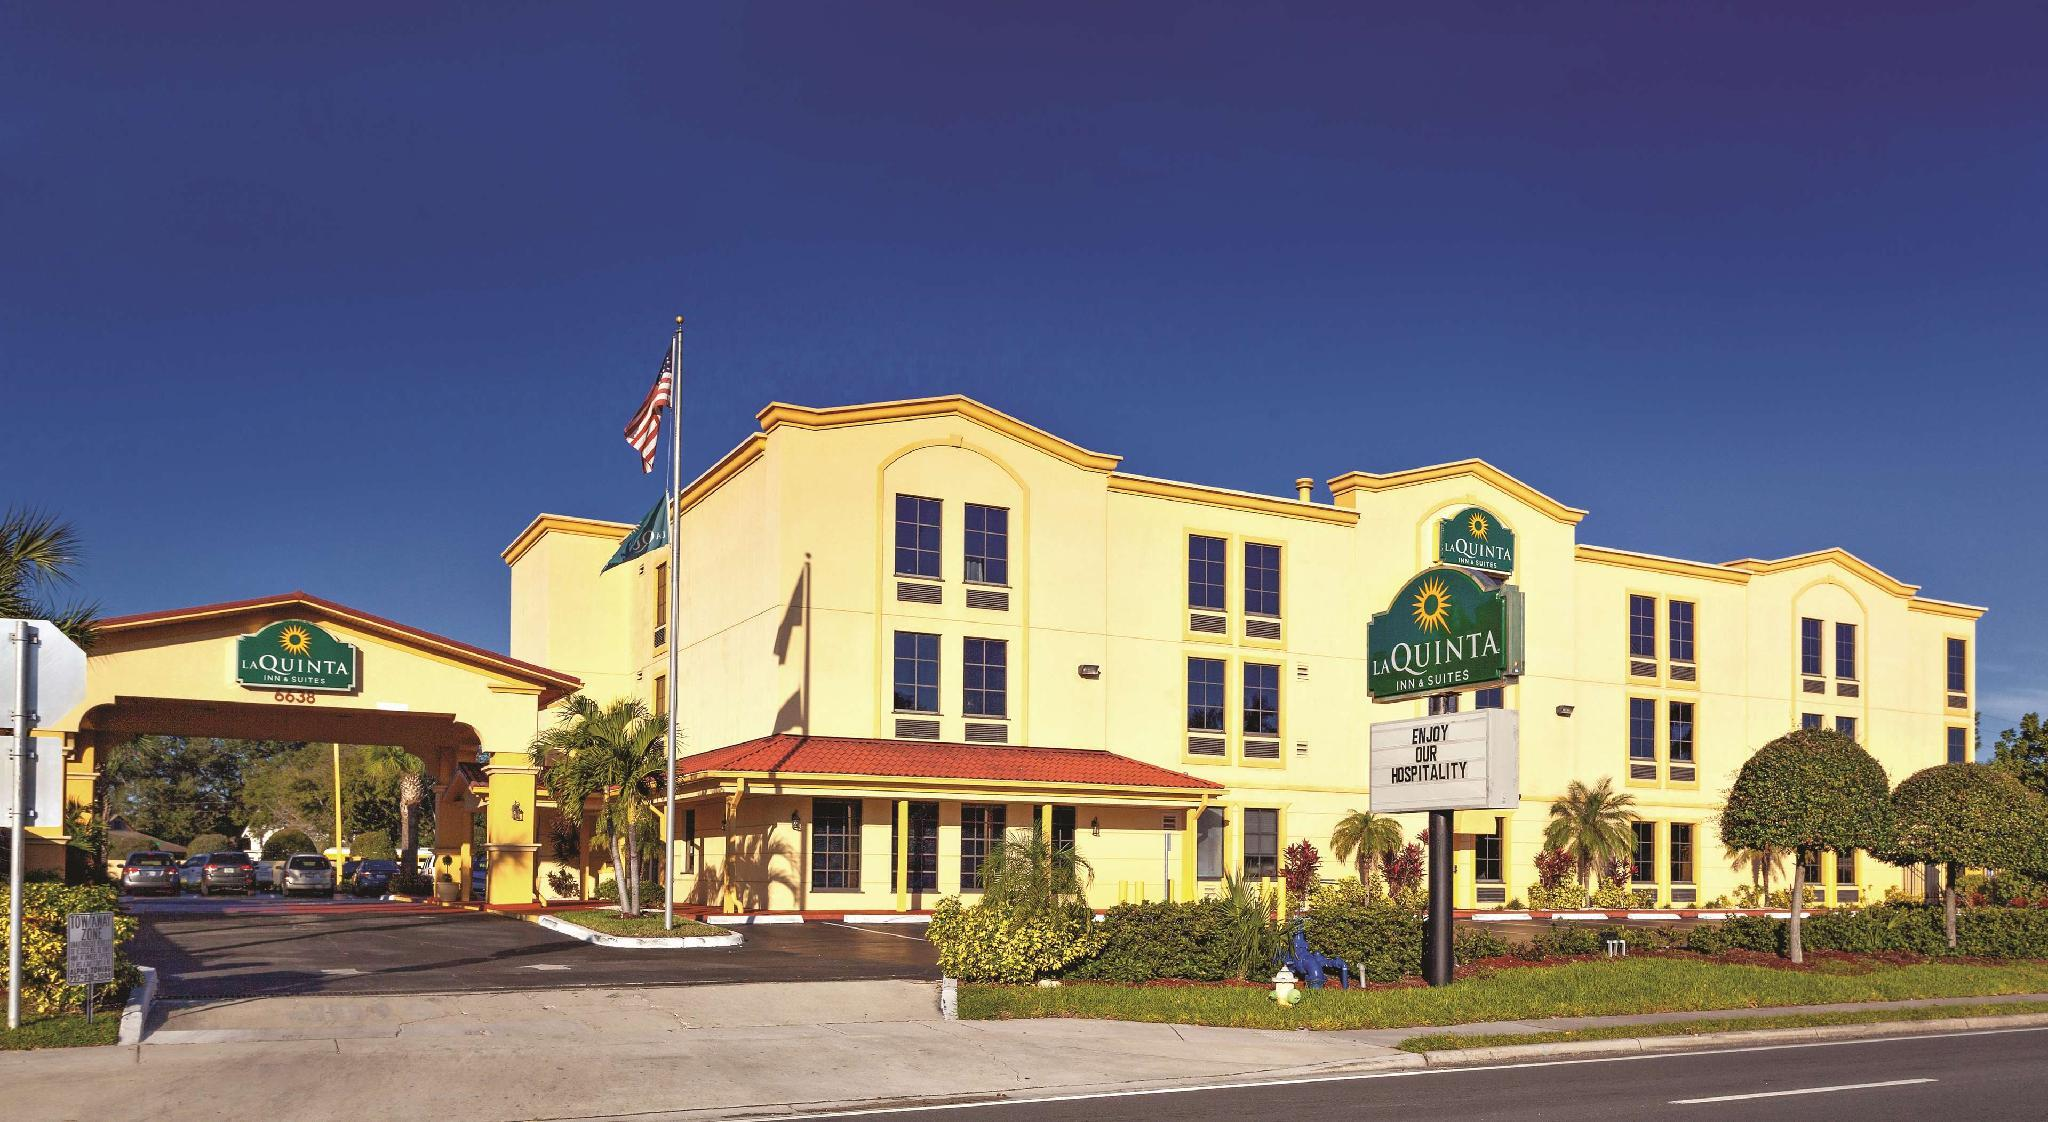 La Quinta Inn And Suites By Wyndham St. Petersburg Northeast